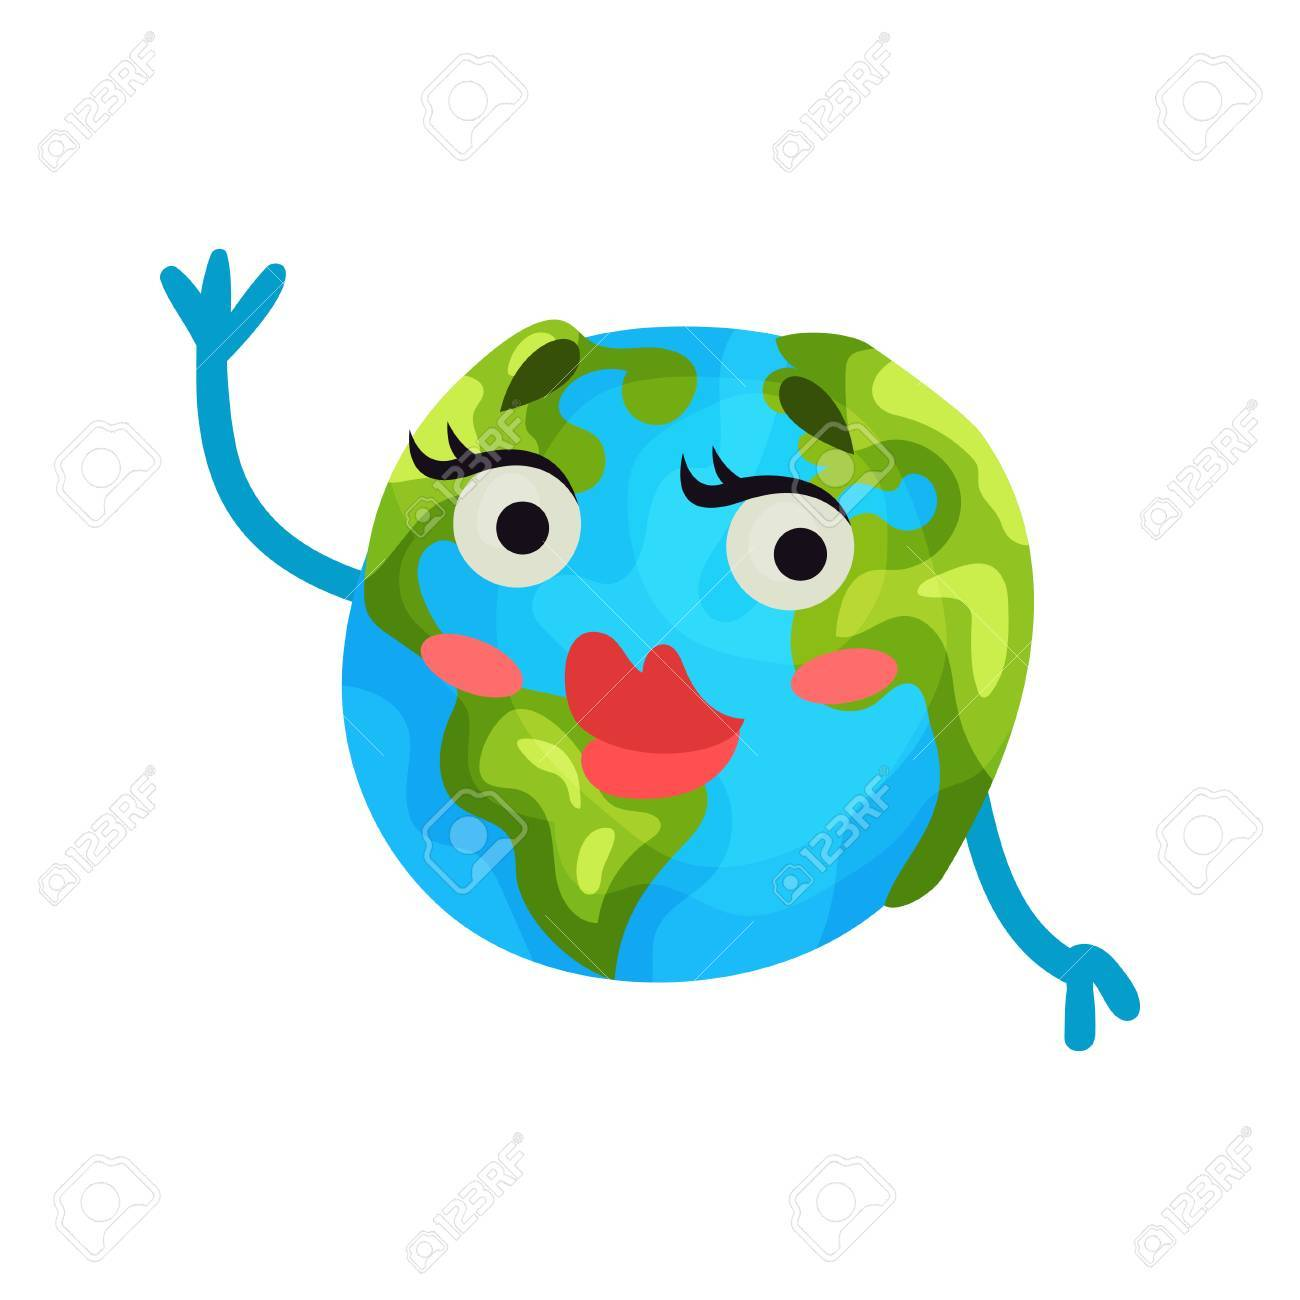 banque dimages emoji de plante terre dragueur mignon dessin anim avec des lvres rouges personnage de globe humanis avec des motions vecteur color - Dessin Avec Emoji